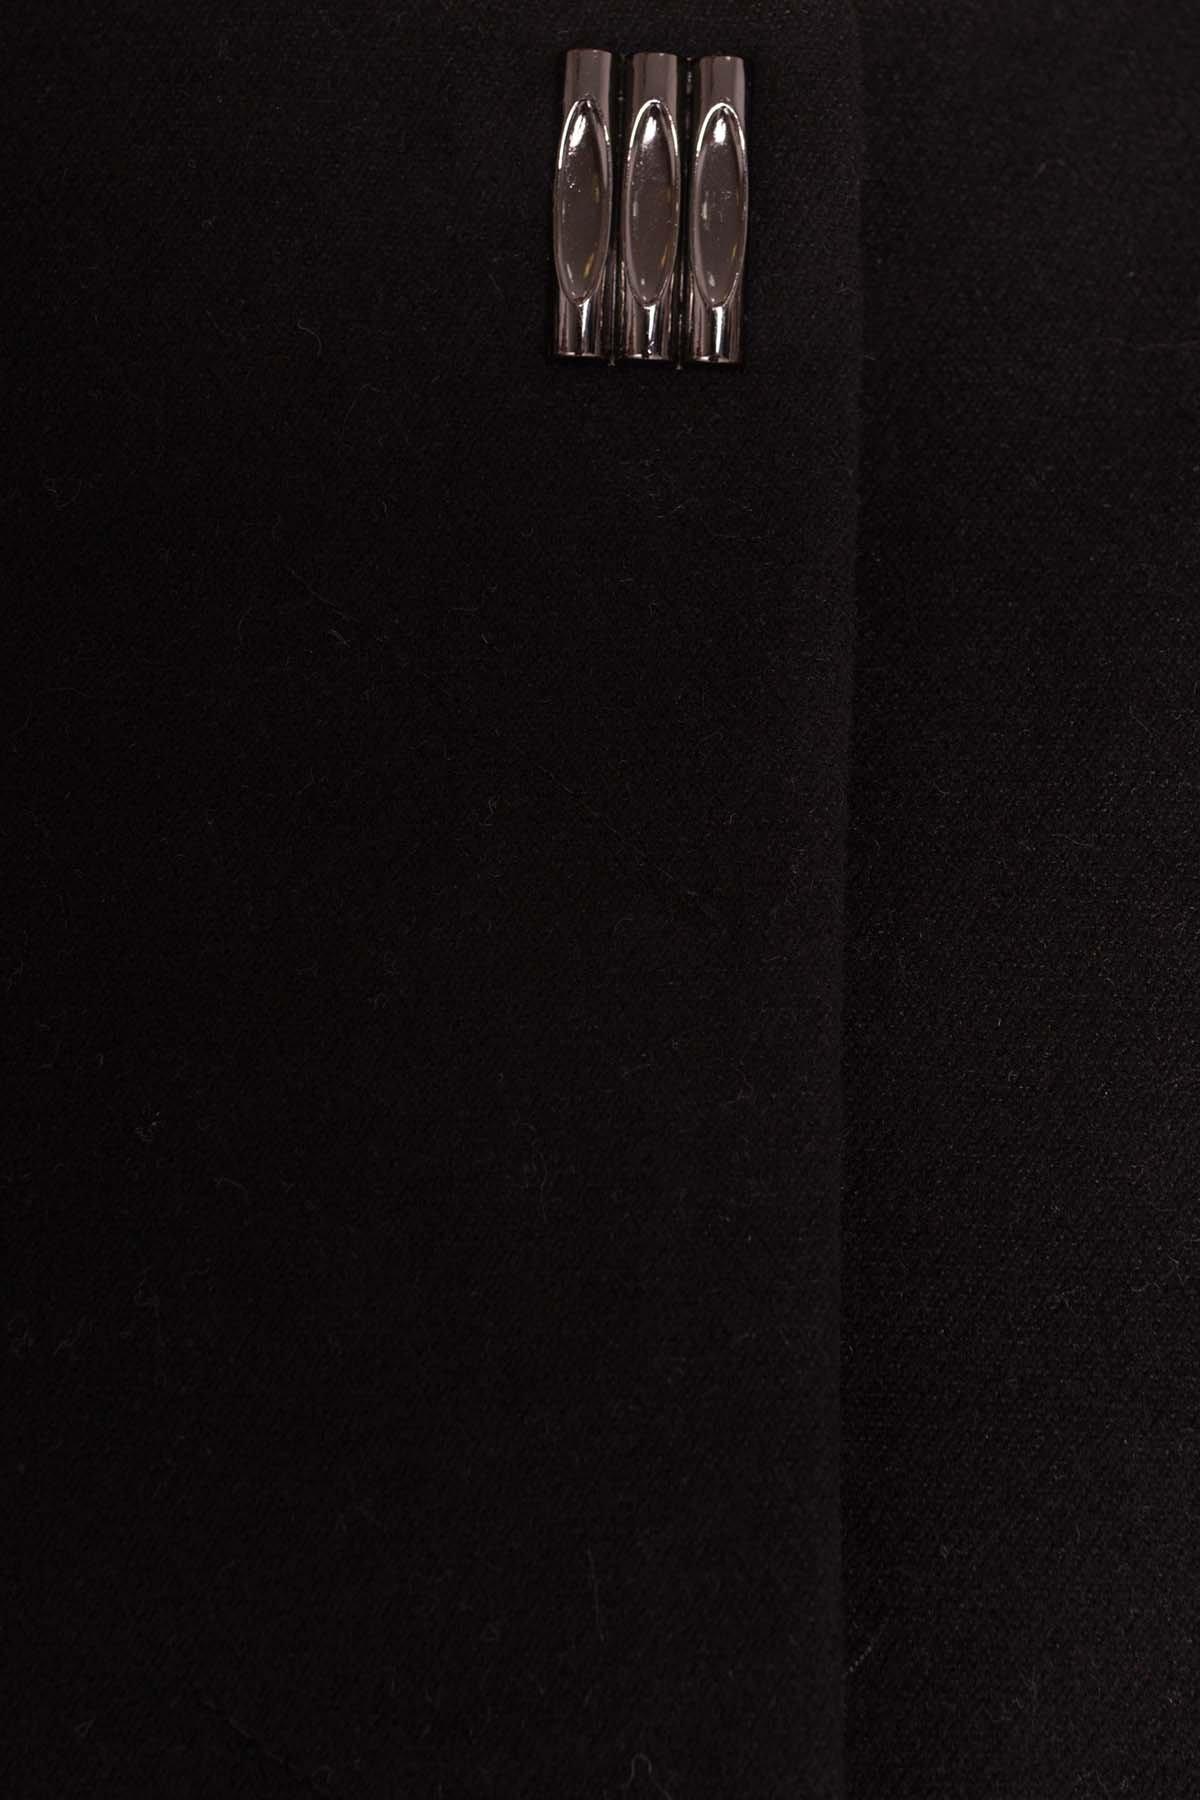 Пальто Фортуна 4812 АРТ. 6763 Цвет: Черный - фото 4, интернет магазин tm-modus.ru